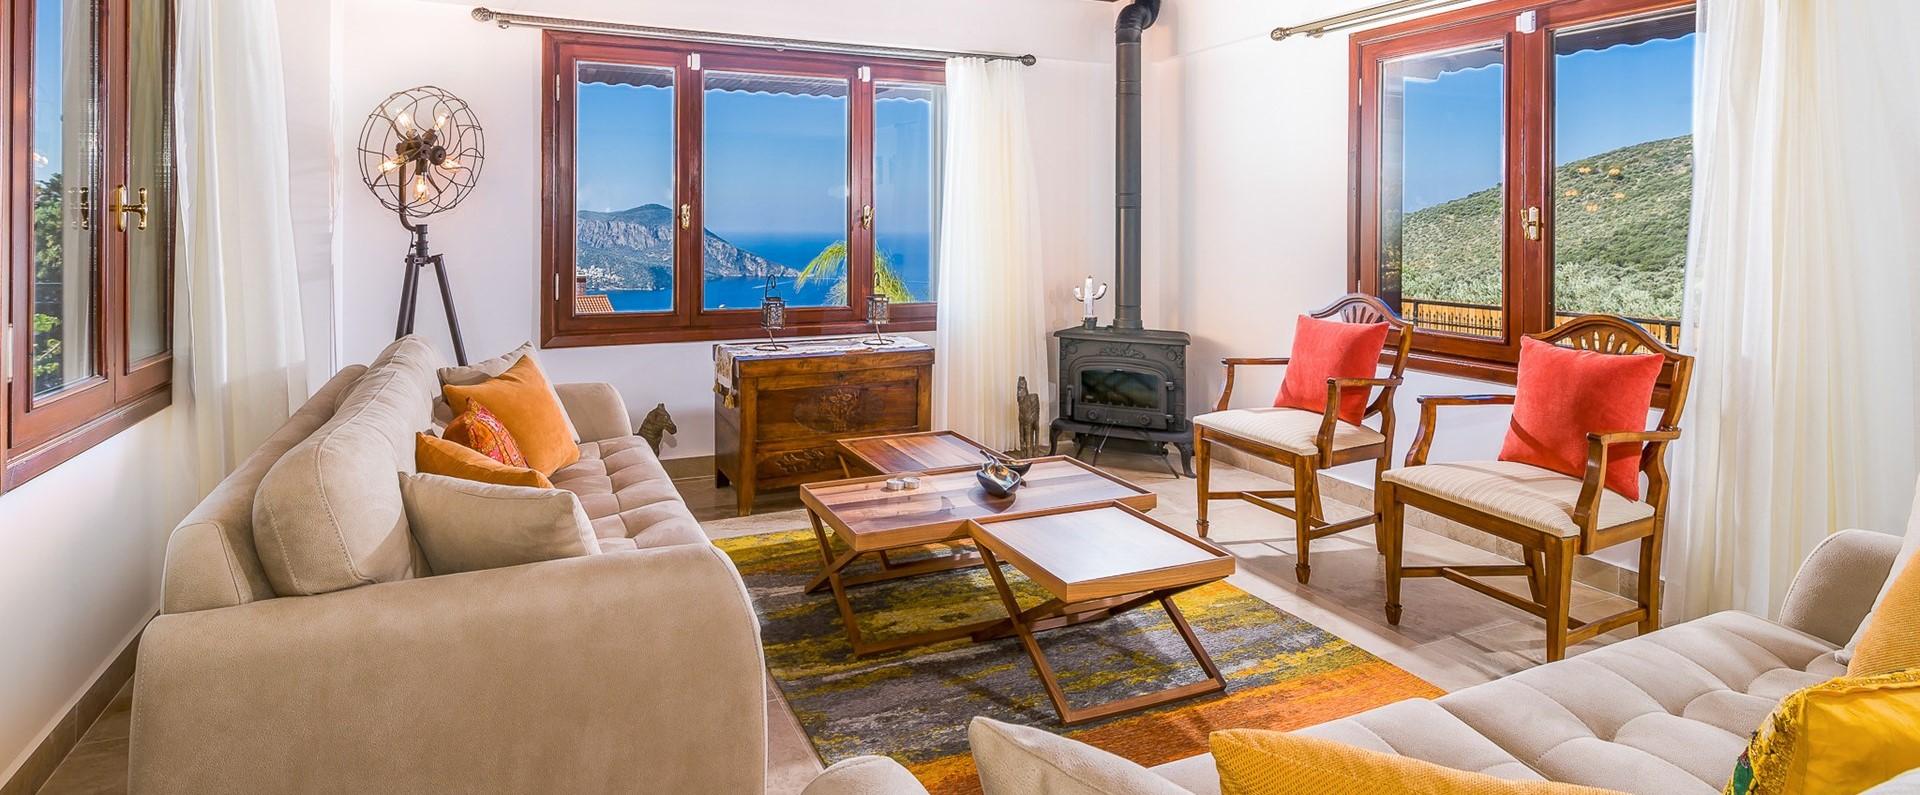 villa-caria-kalkan-seaview-lounge